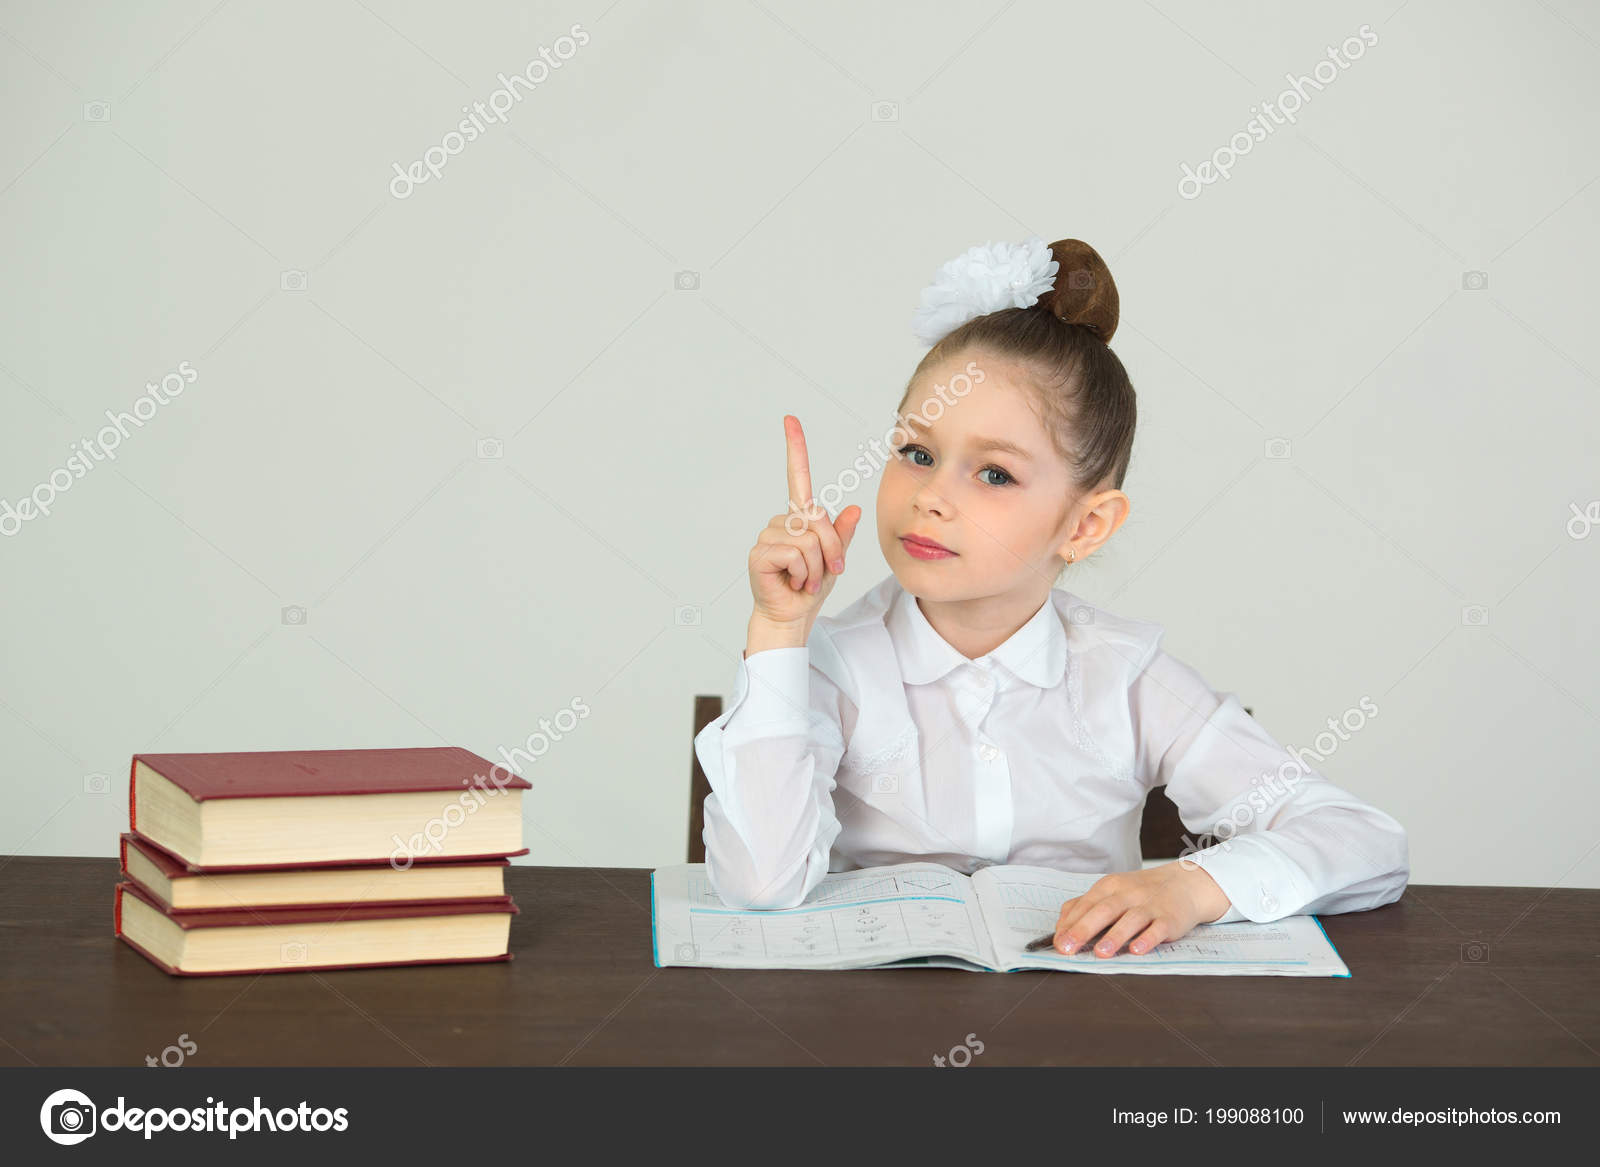 Belle petite fille avec archet sur tête assis bureau avec